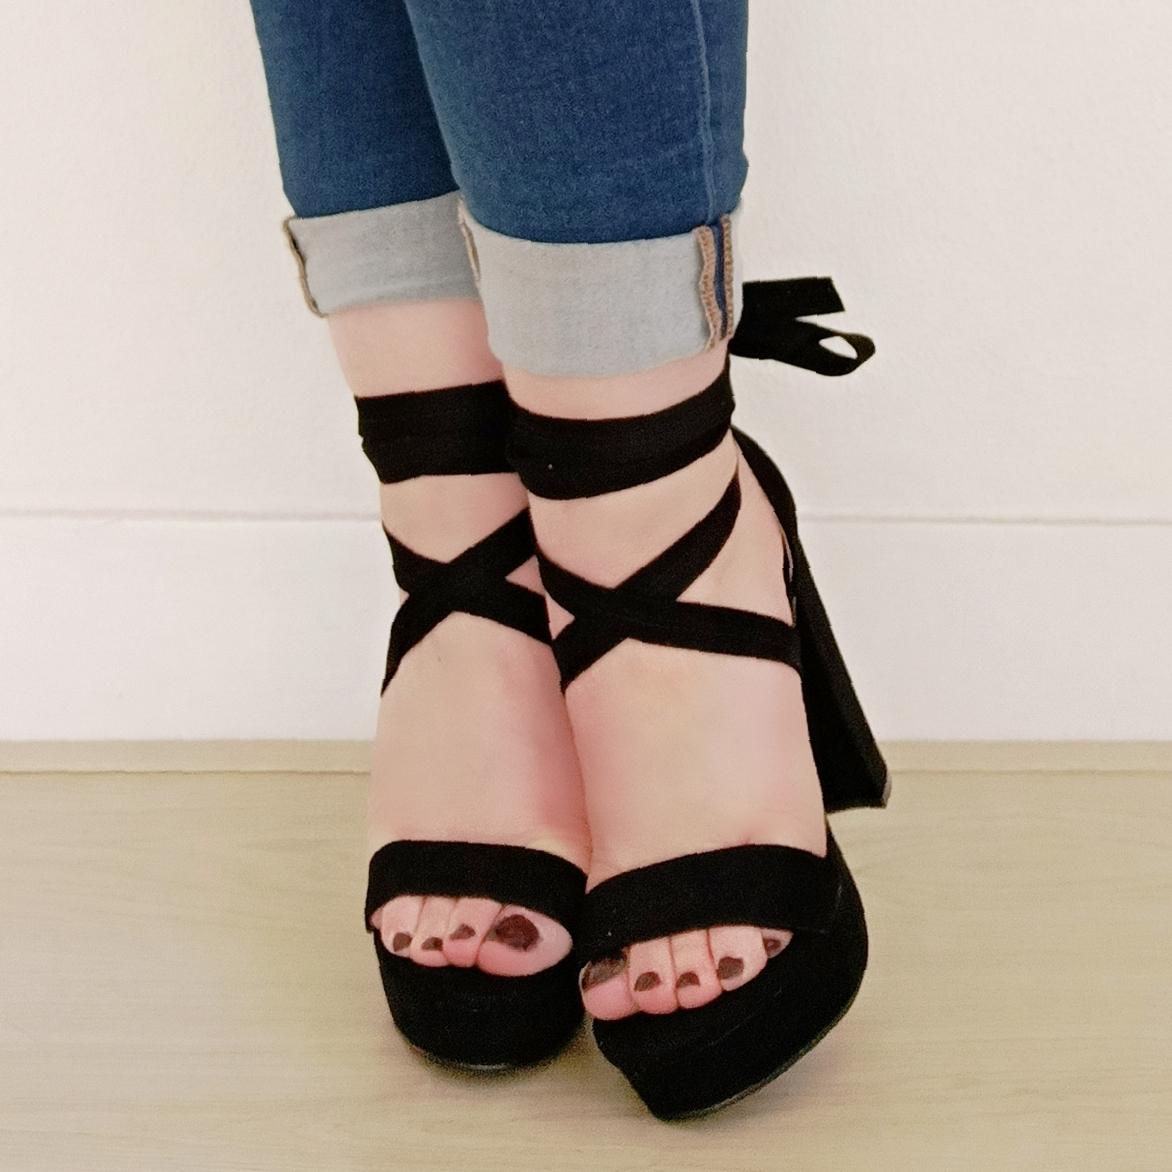 Blokhak sandaal met lange banden omhoog (1)